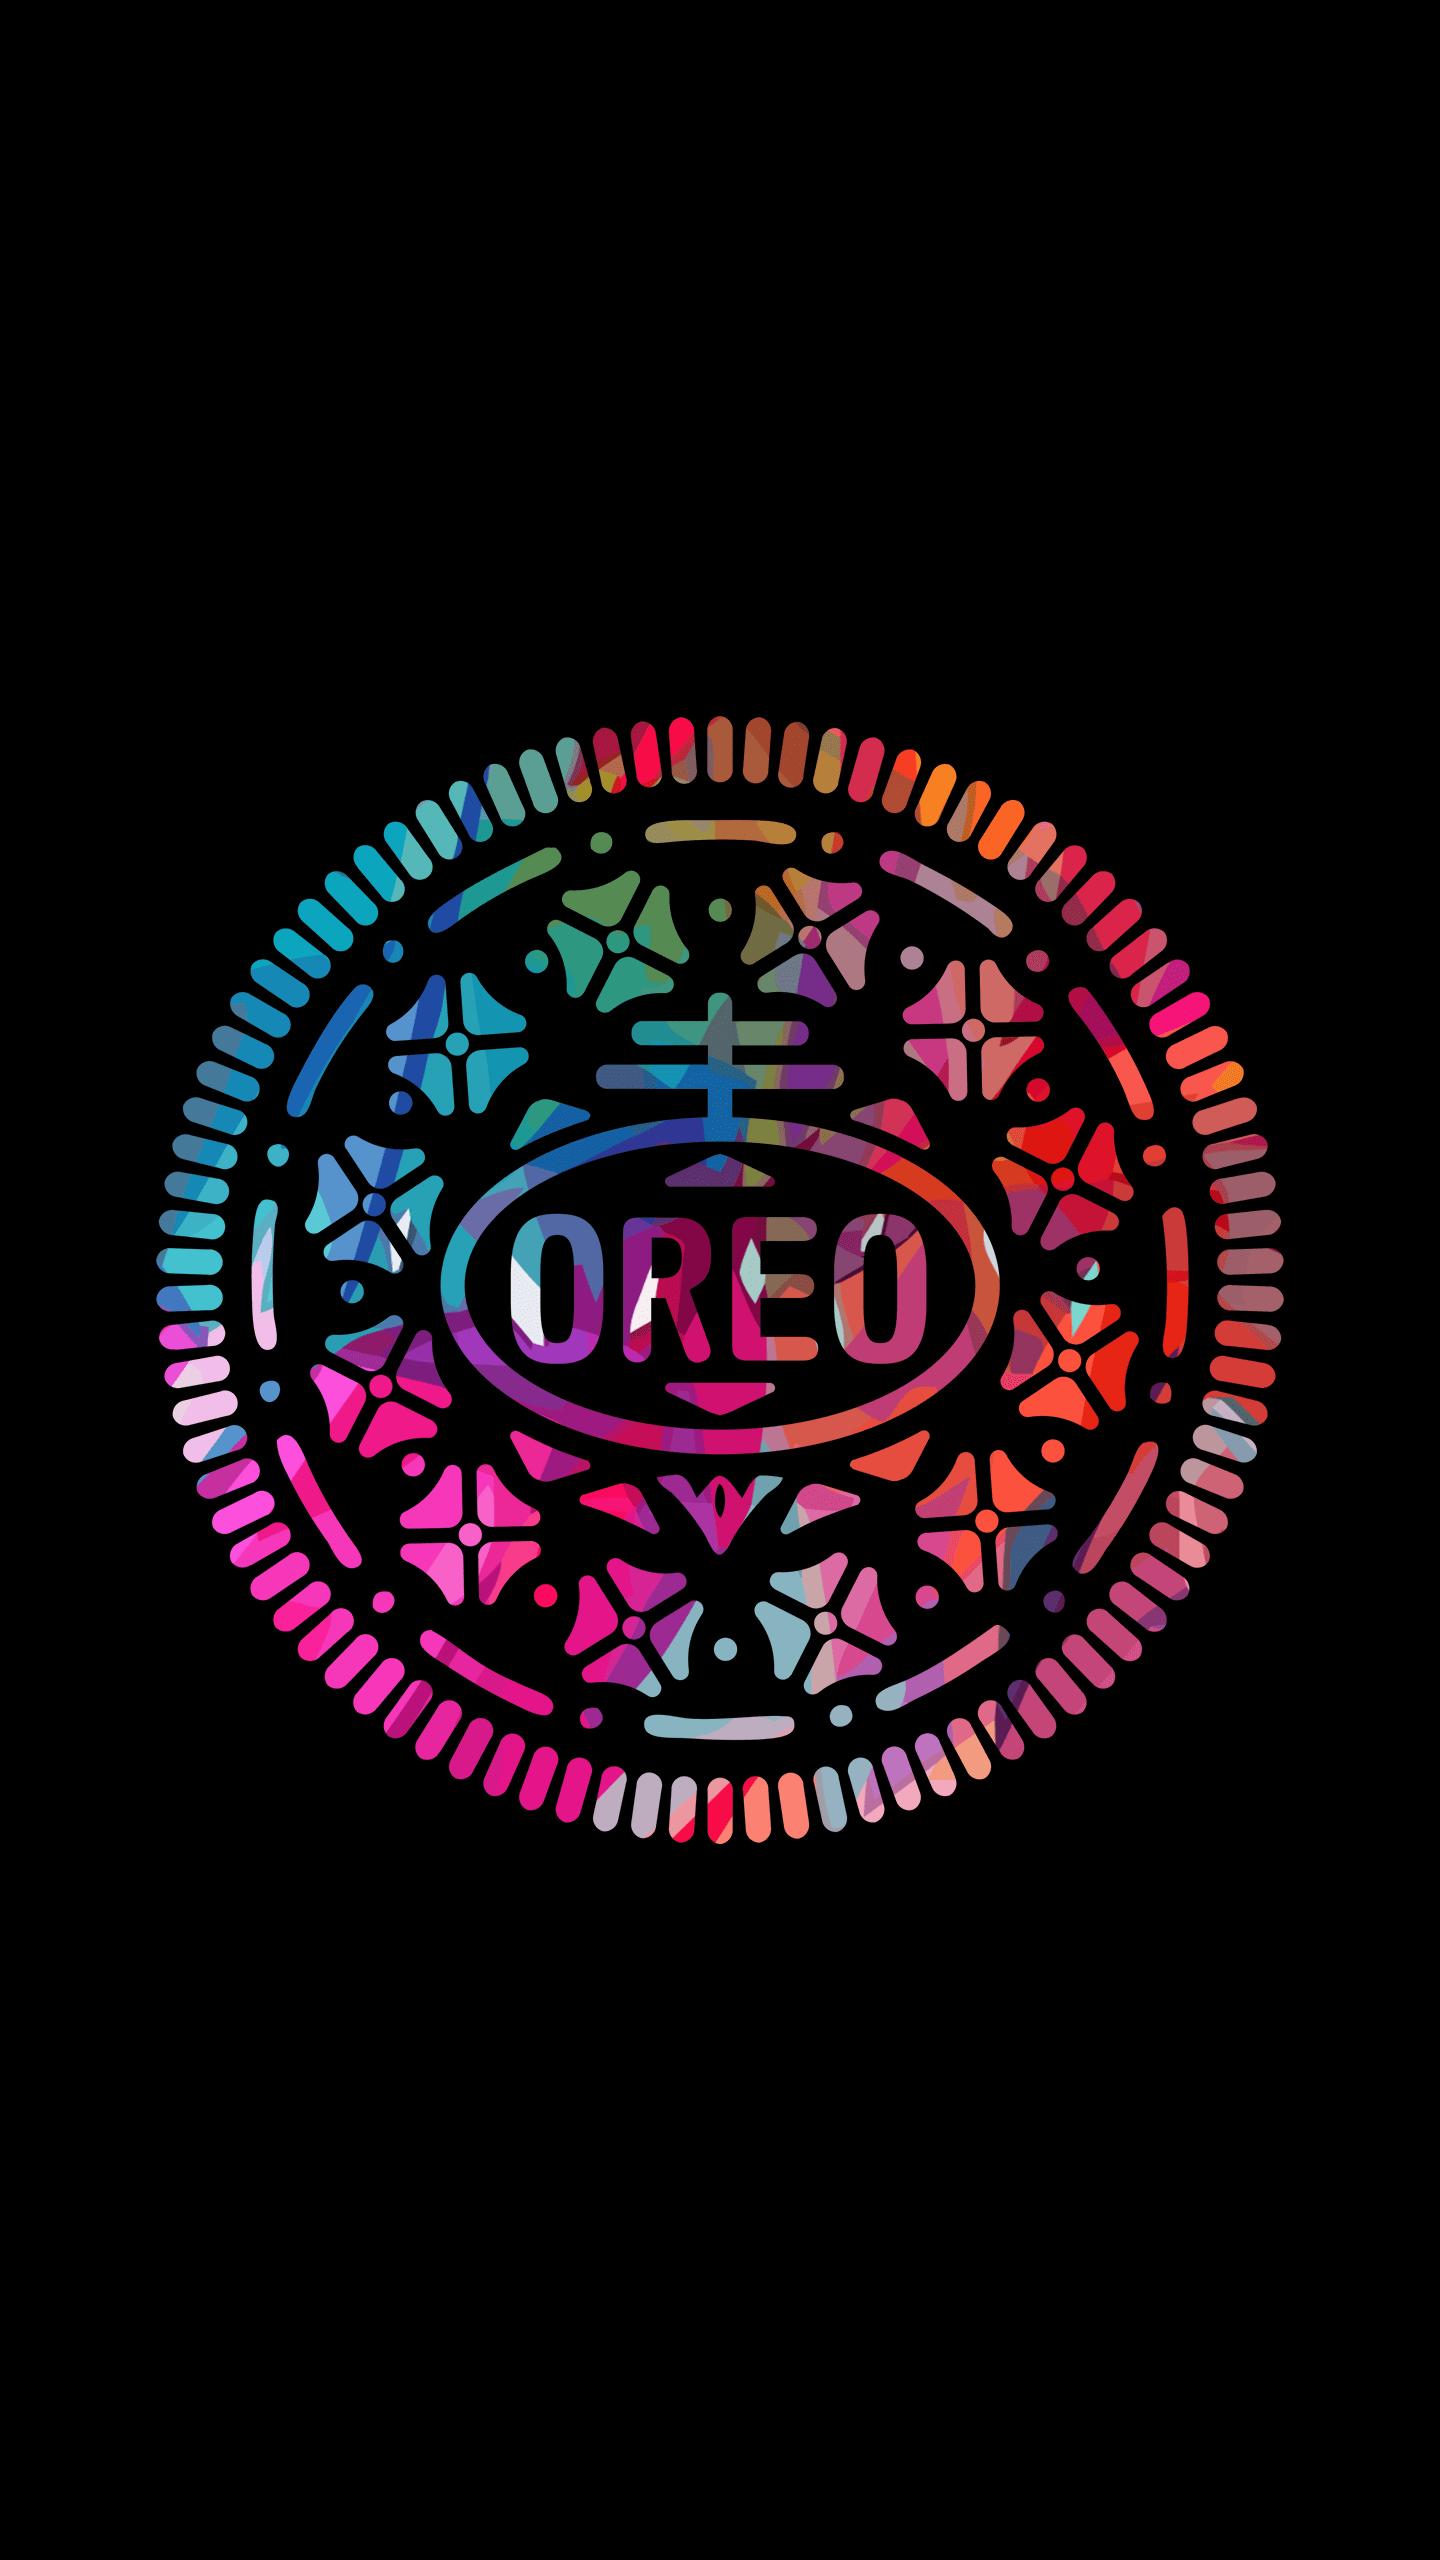 1440x2560 Màu Oreo 4k Hình nền Amoled - Amoled 4k, Hình nền HD